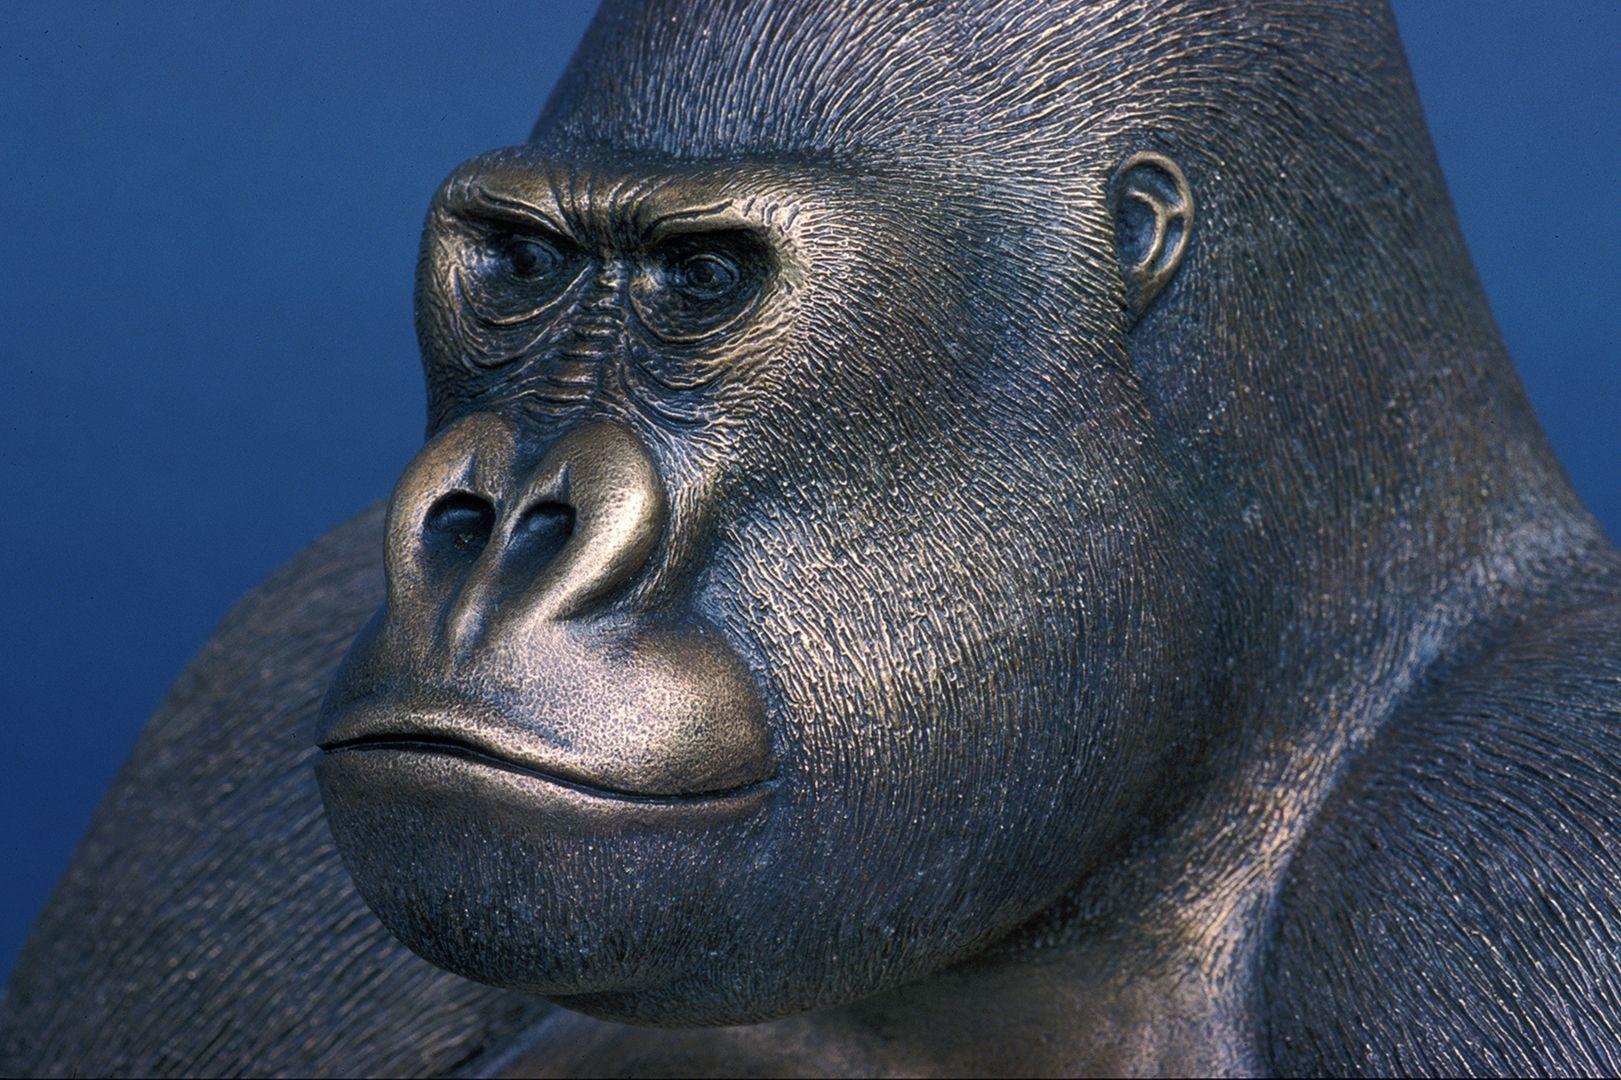 Western lowland gorilla Head, detail